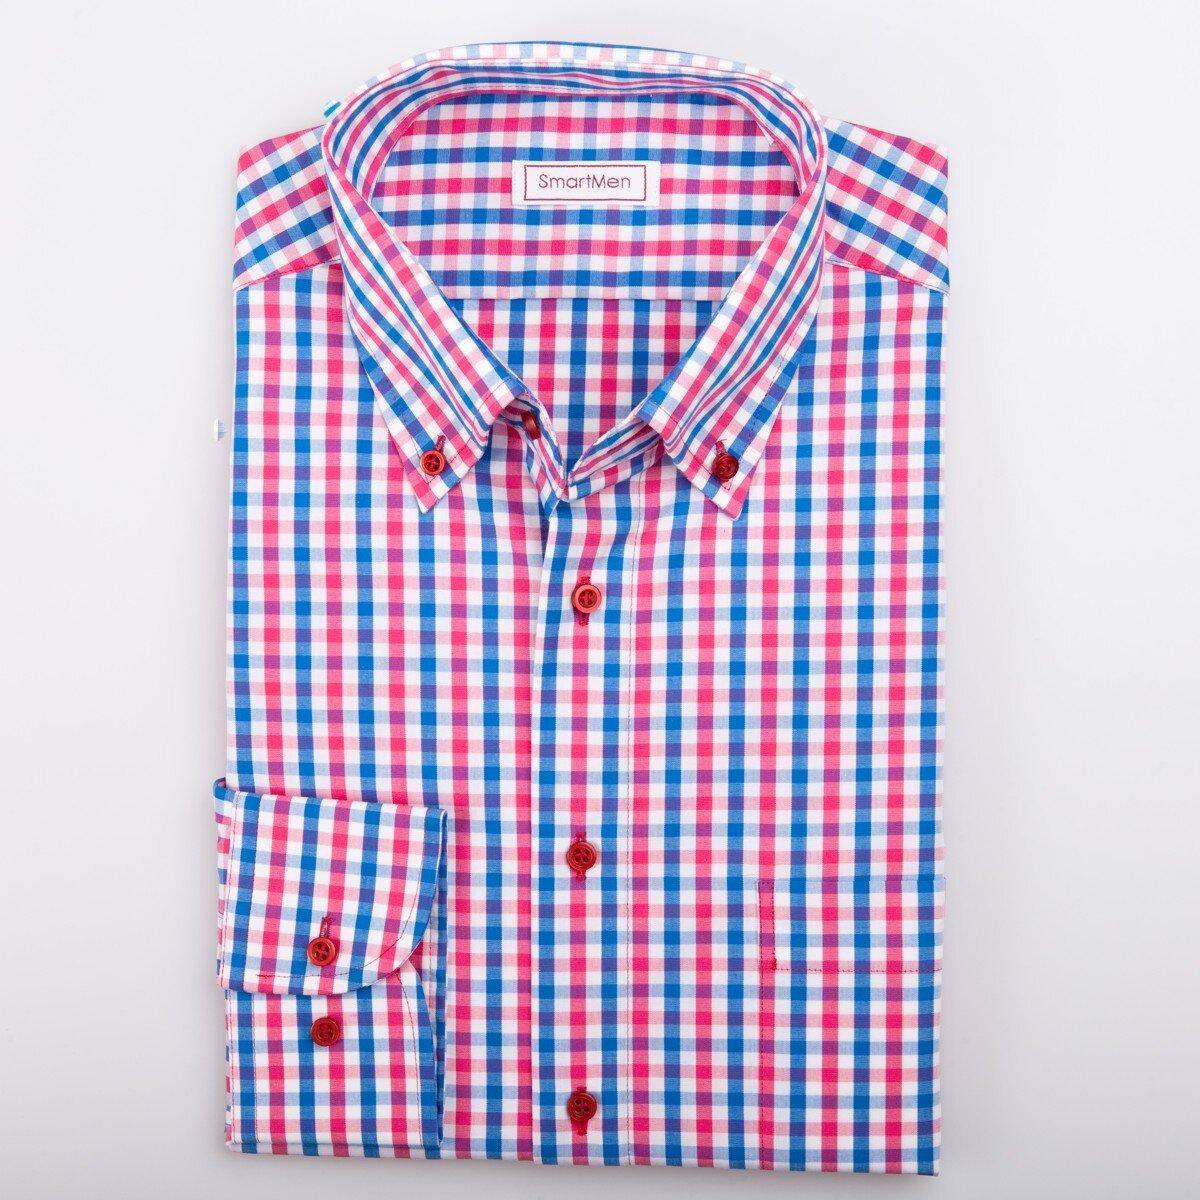 e0be792c1368 Červená kockovaná košeľa pre muža Casual - Button down SmartMen